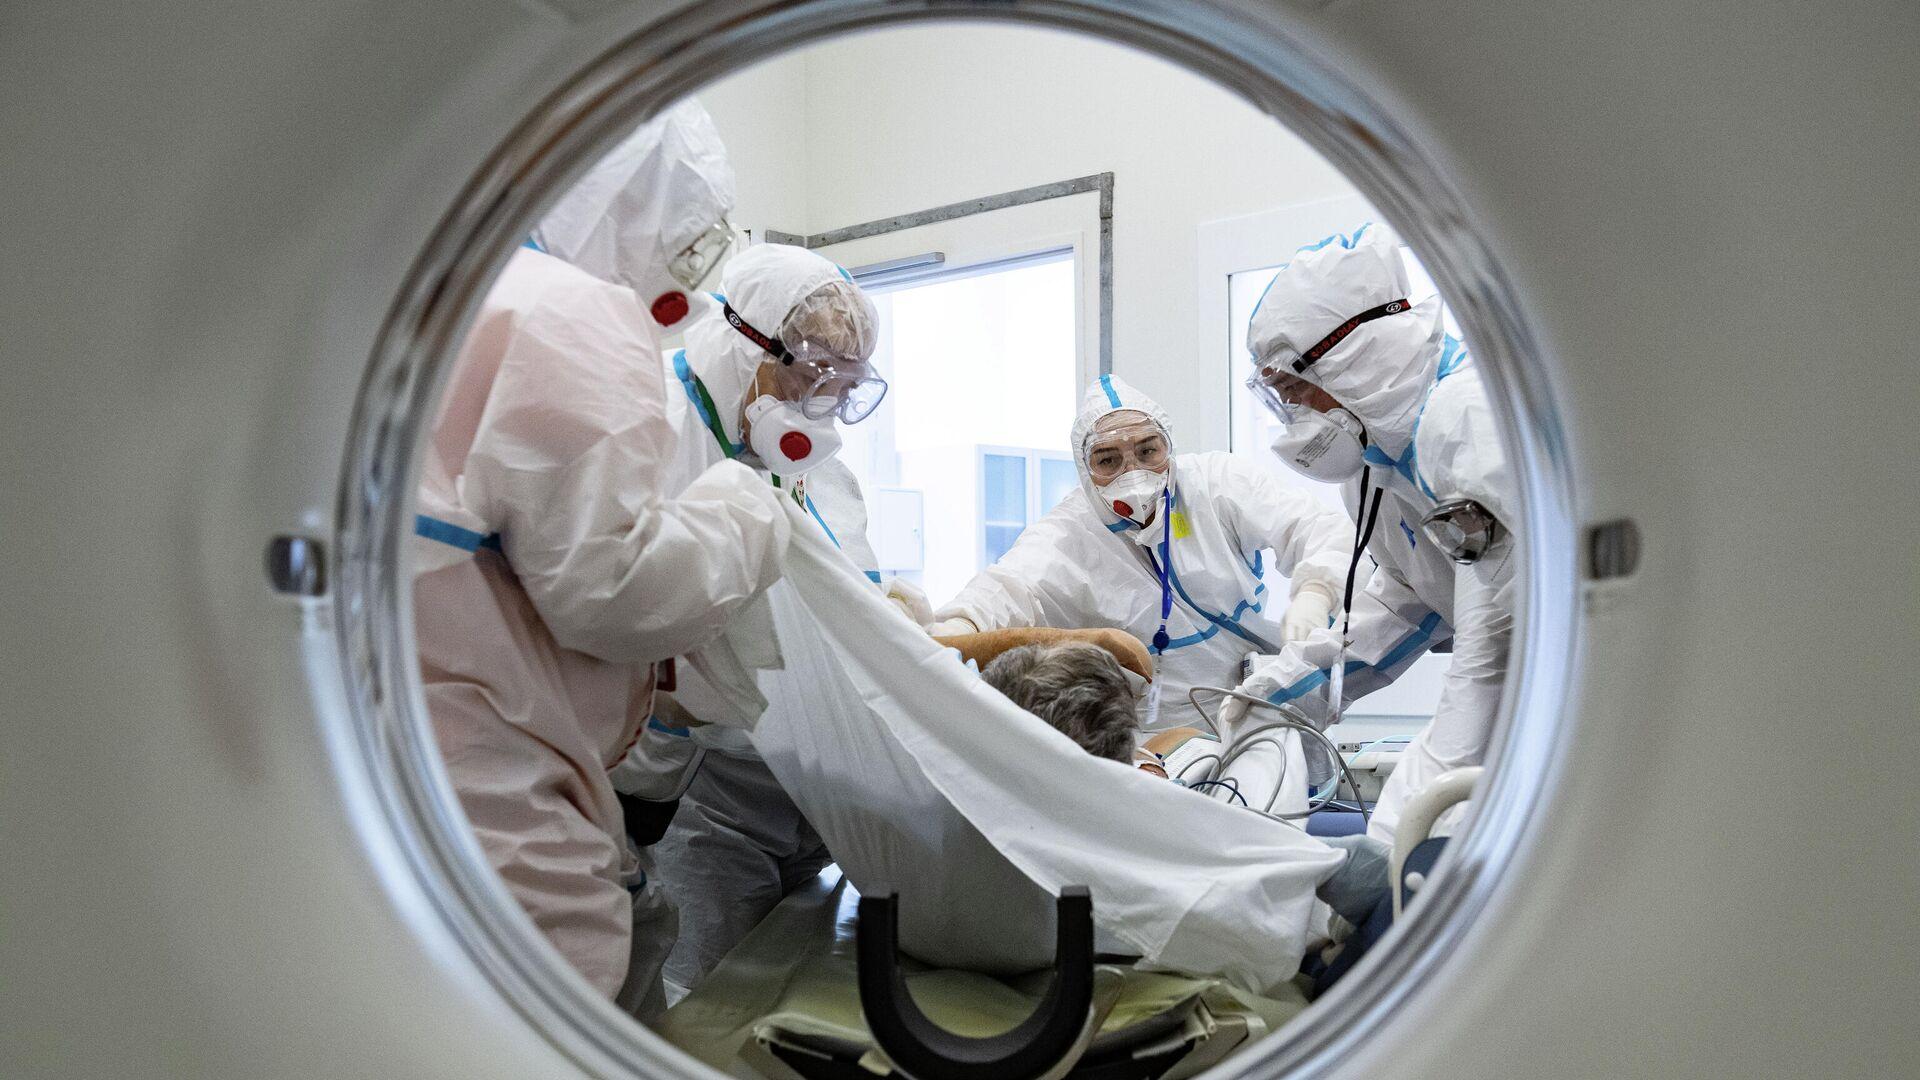 Медики помещают пациента в аппарат компьютерной томографии в городской клинической больнице №40 в Москве - РИА Новости, 1920, 07.03.2021